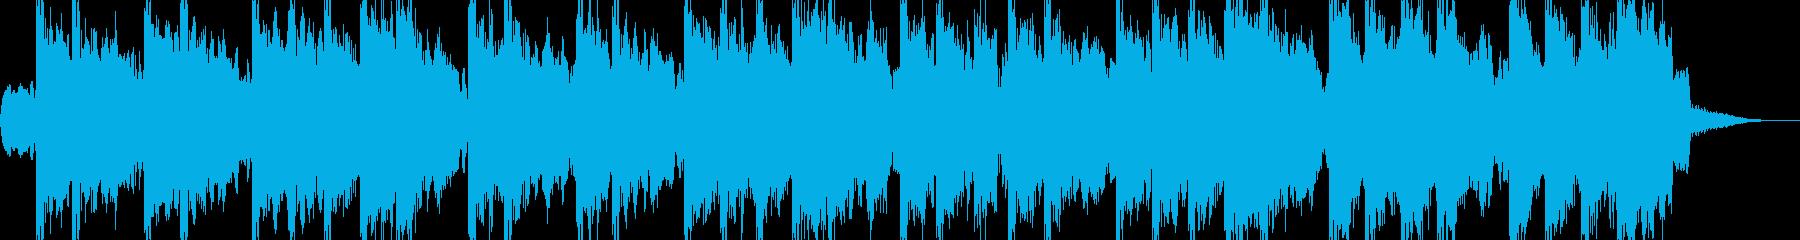 風変わりなメロディ、レトロなBGMの再生済みの波形